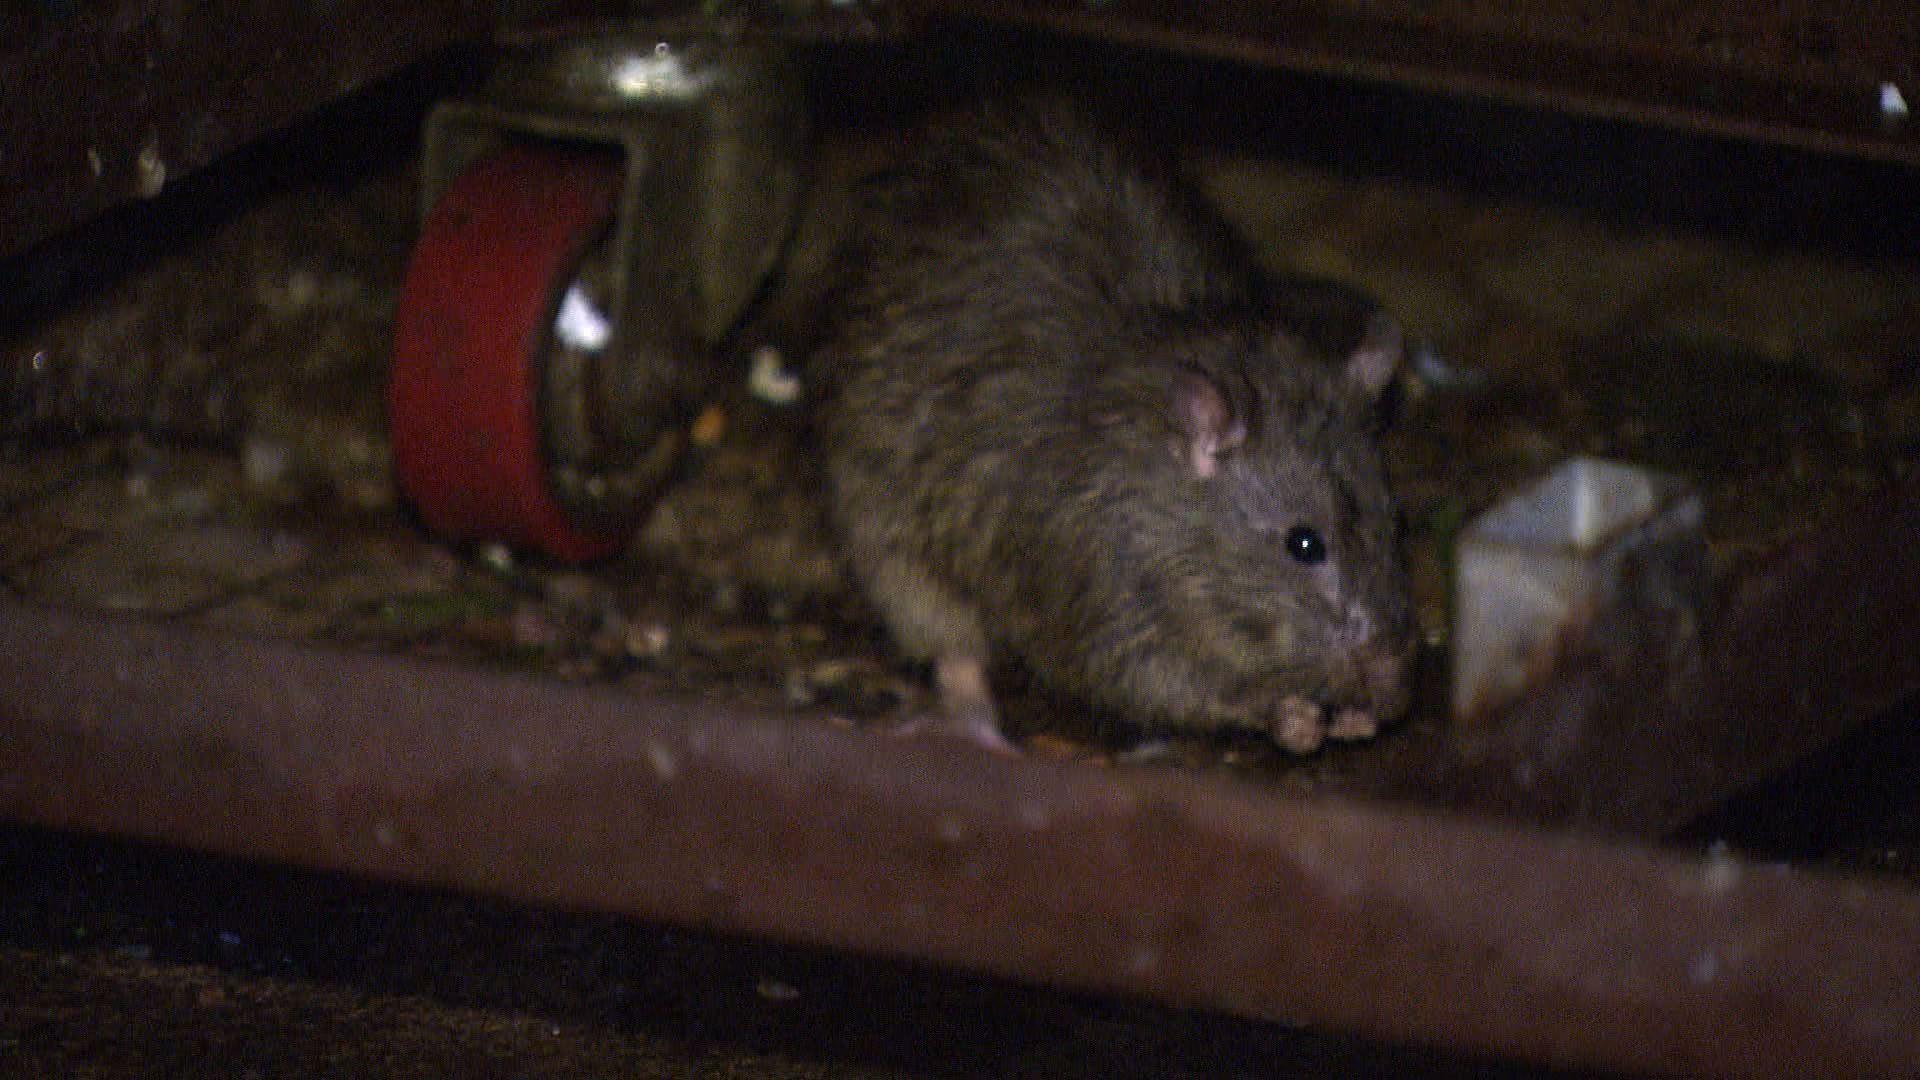 【經緯線】咪嚟老鼠(二)